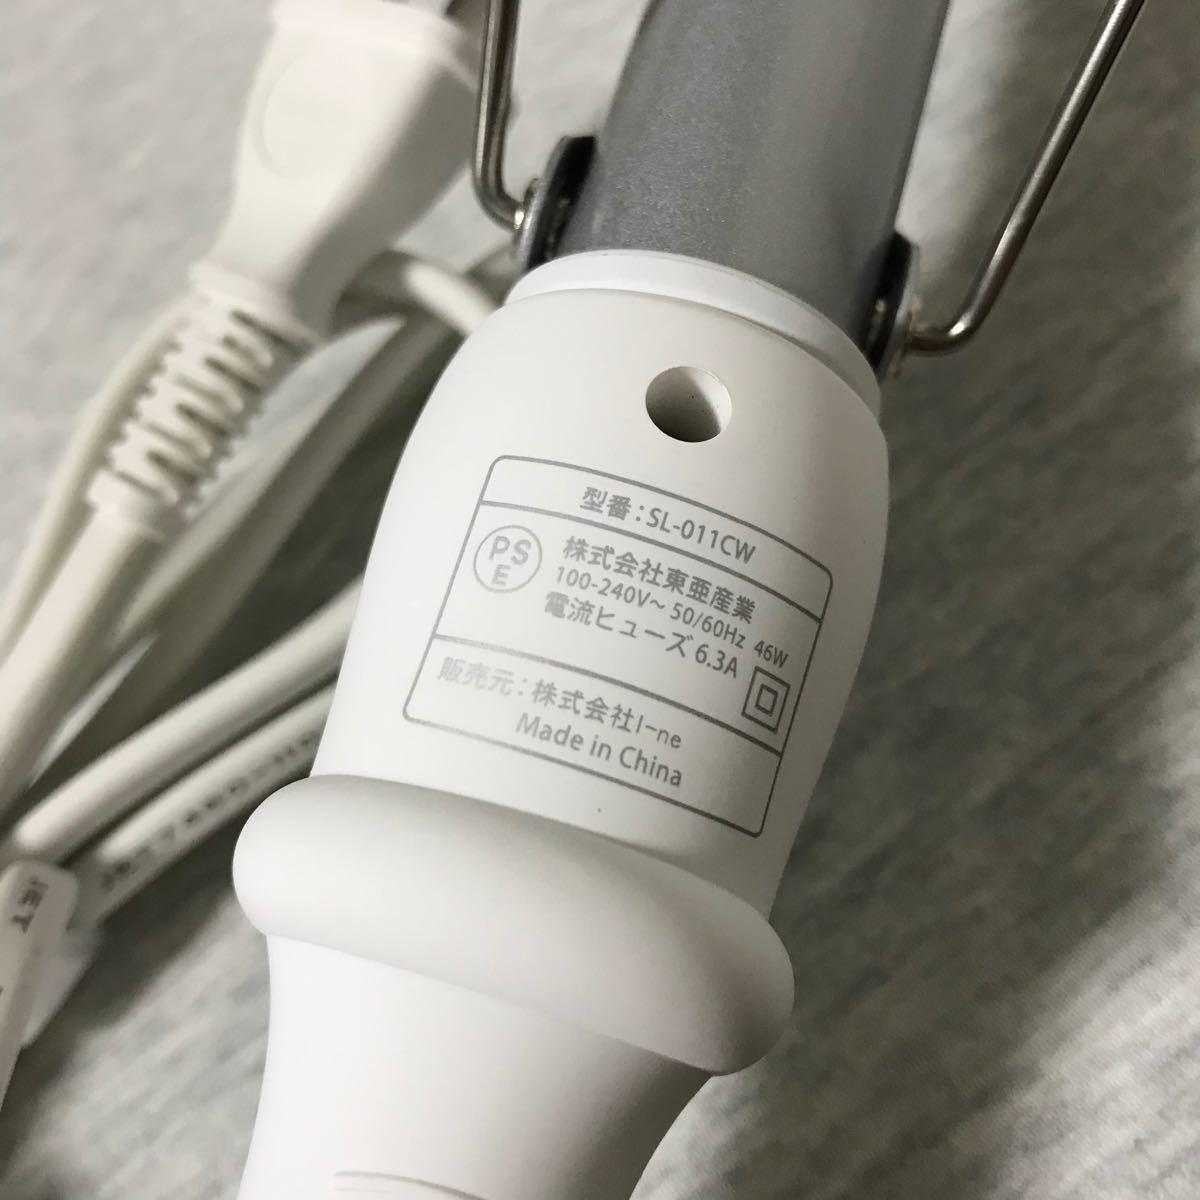 SALONIA サロニア ミニ セラミック カールヘアアイロン ホワイト 海外対応 MAX210℃ 耐熱ポーチ付き